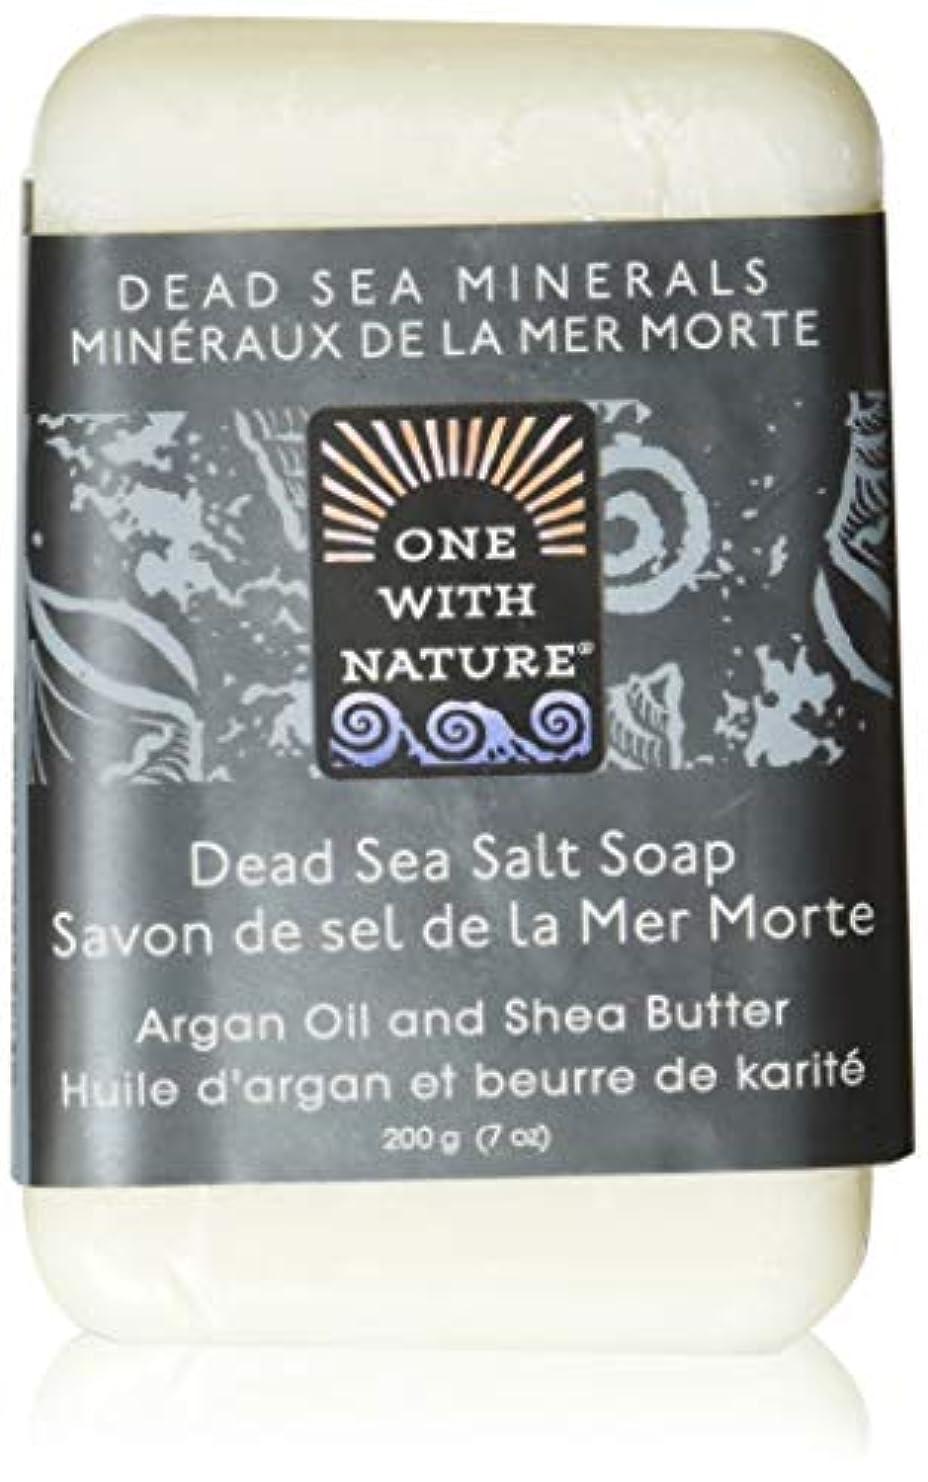 に残り物否認するDead Sea Mineral Dead Sea Salt Soap - 7 oz by One With Nature